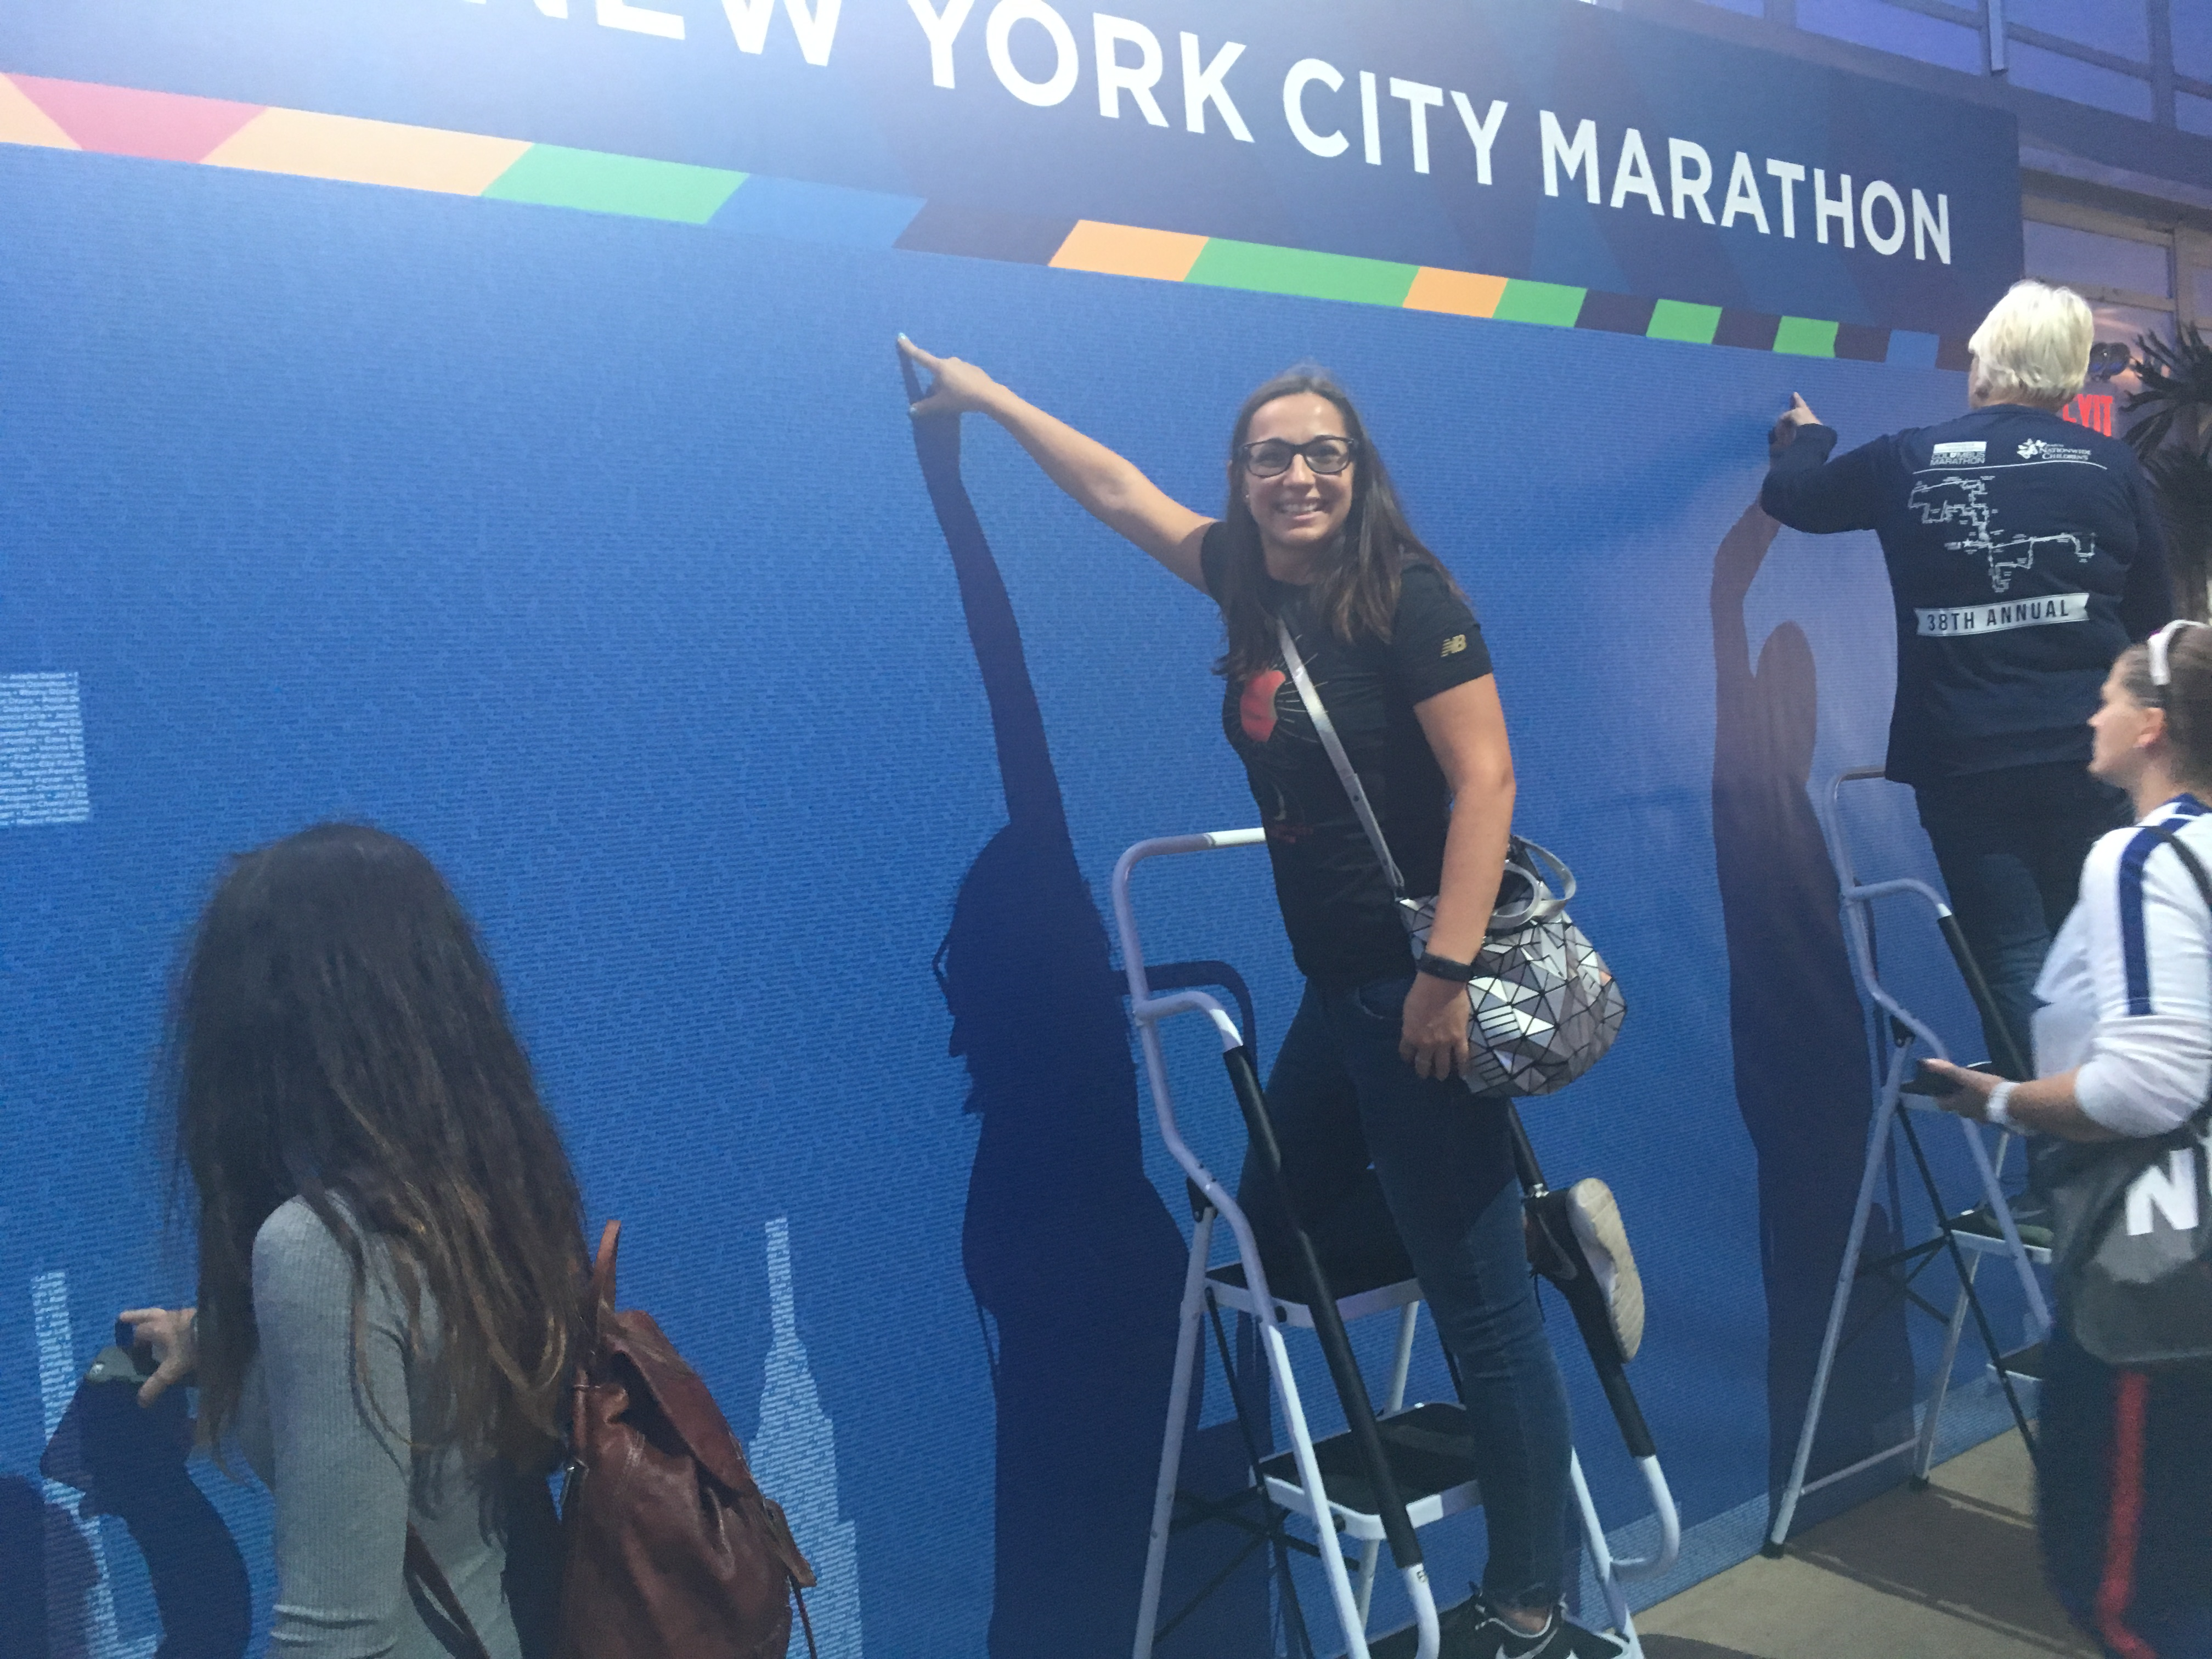 Buscando mi nombre en la pared en el TCS New York City Marathon Pavilion. Estan los nombres de todos los participantes.